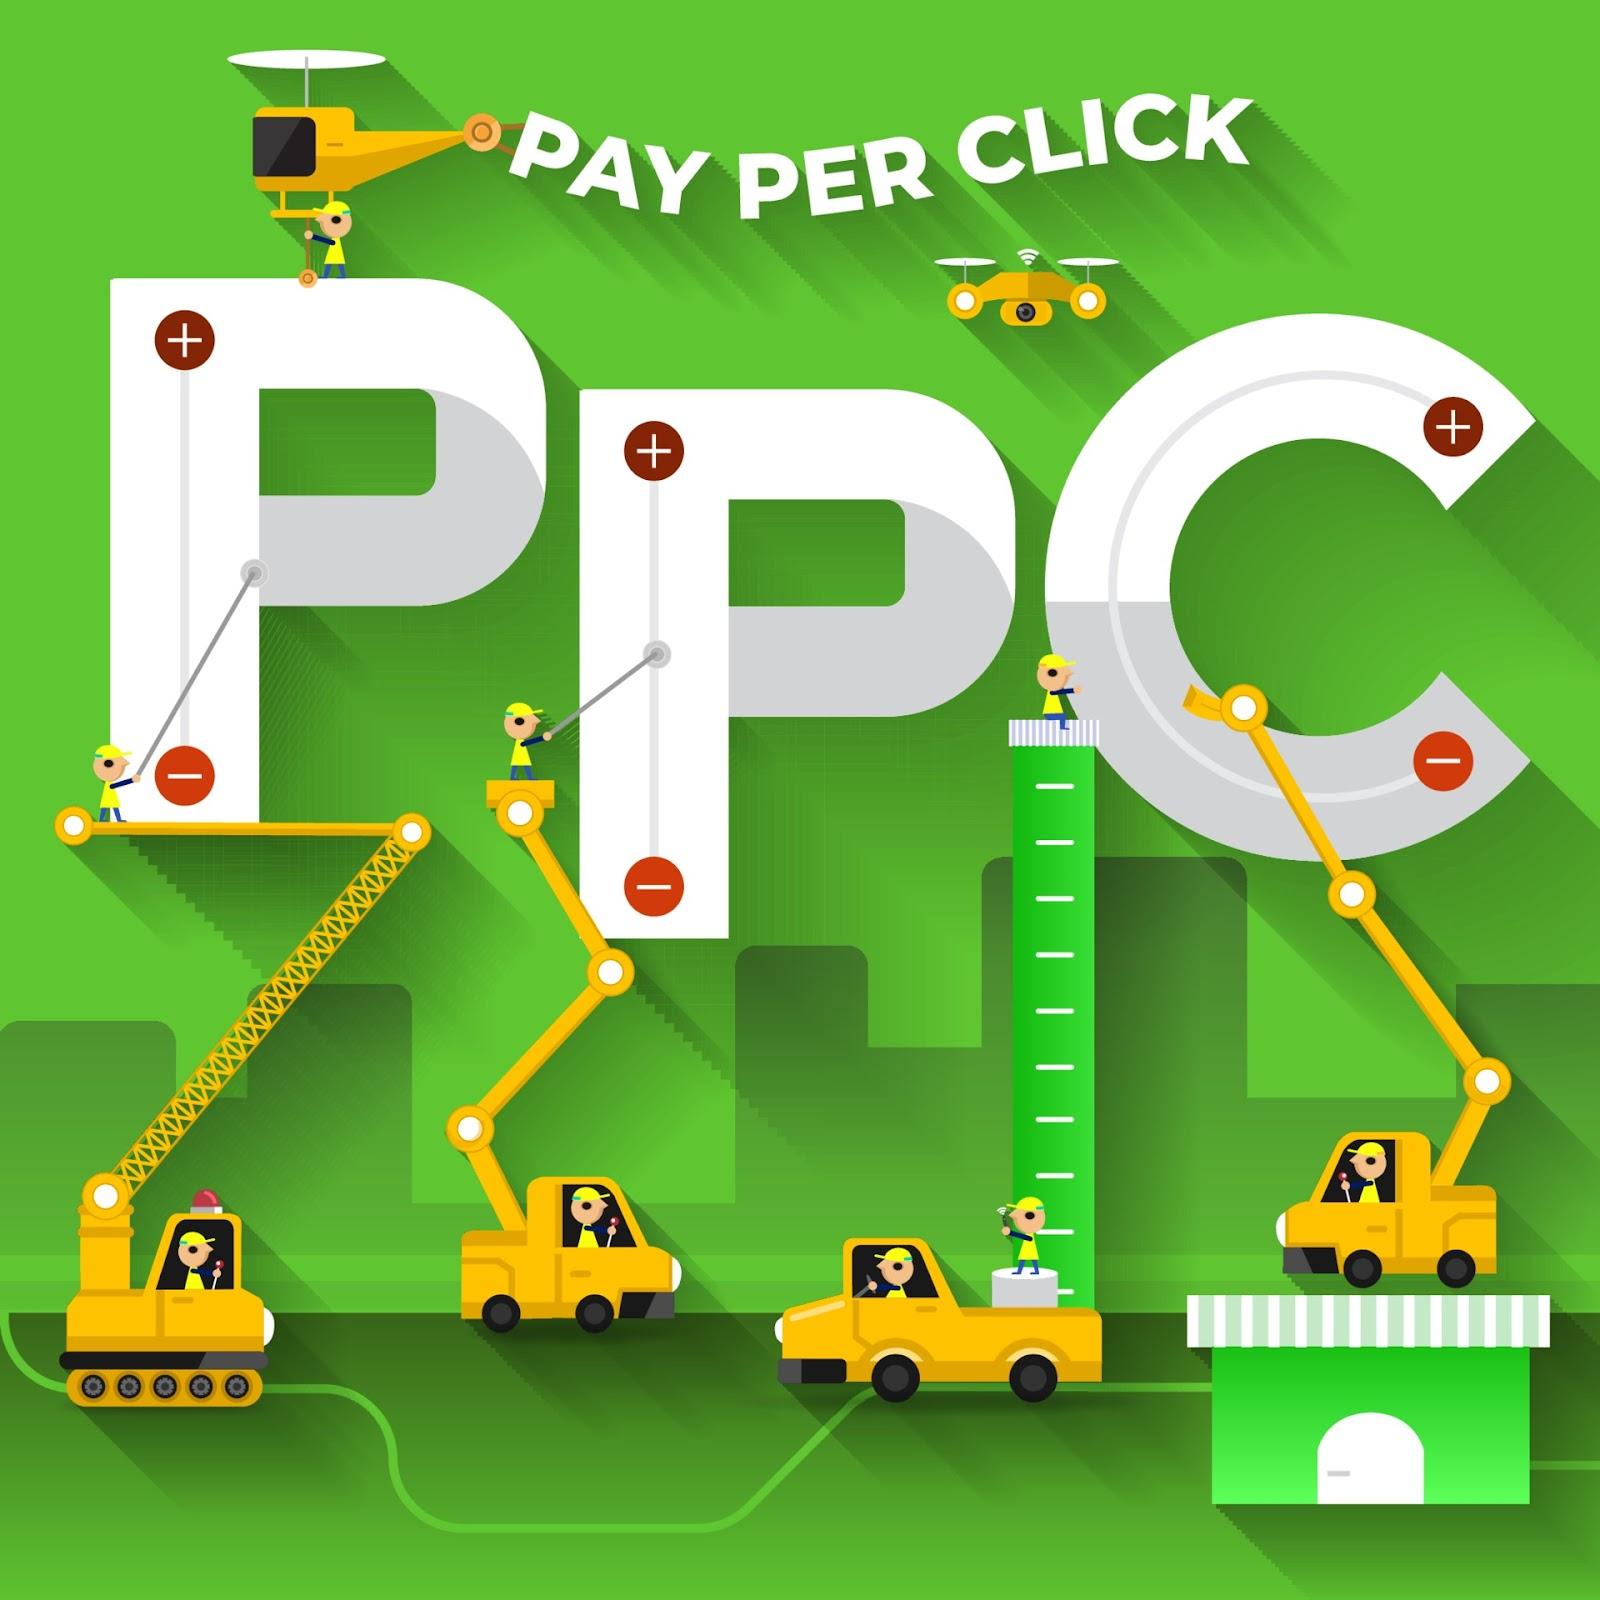 Pay per Click